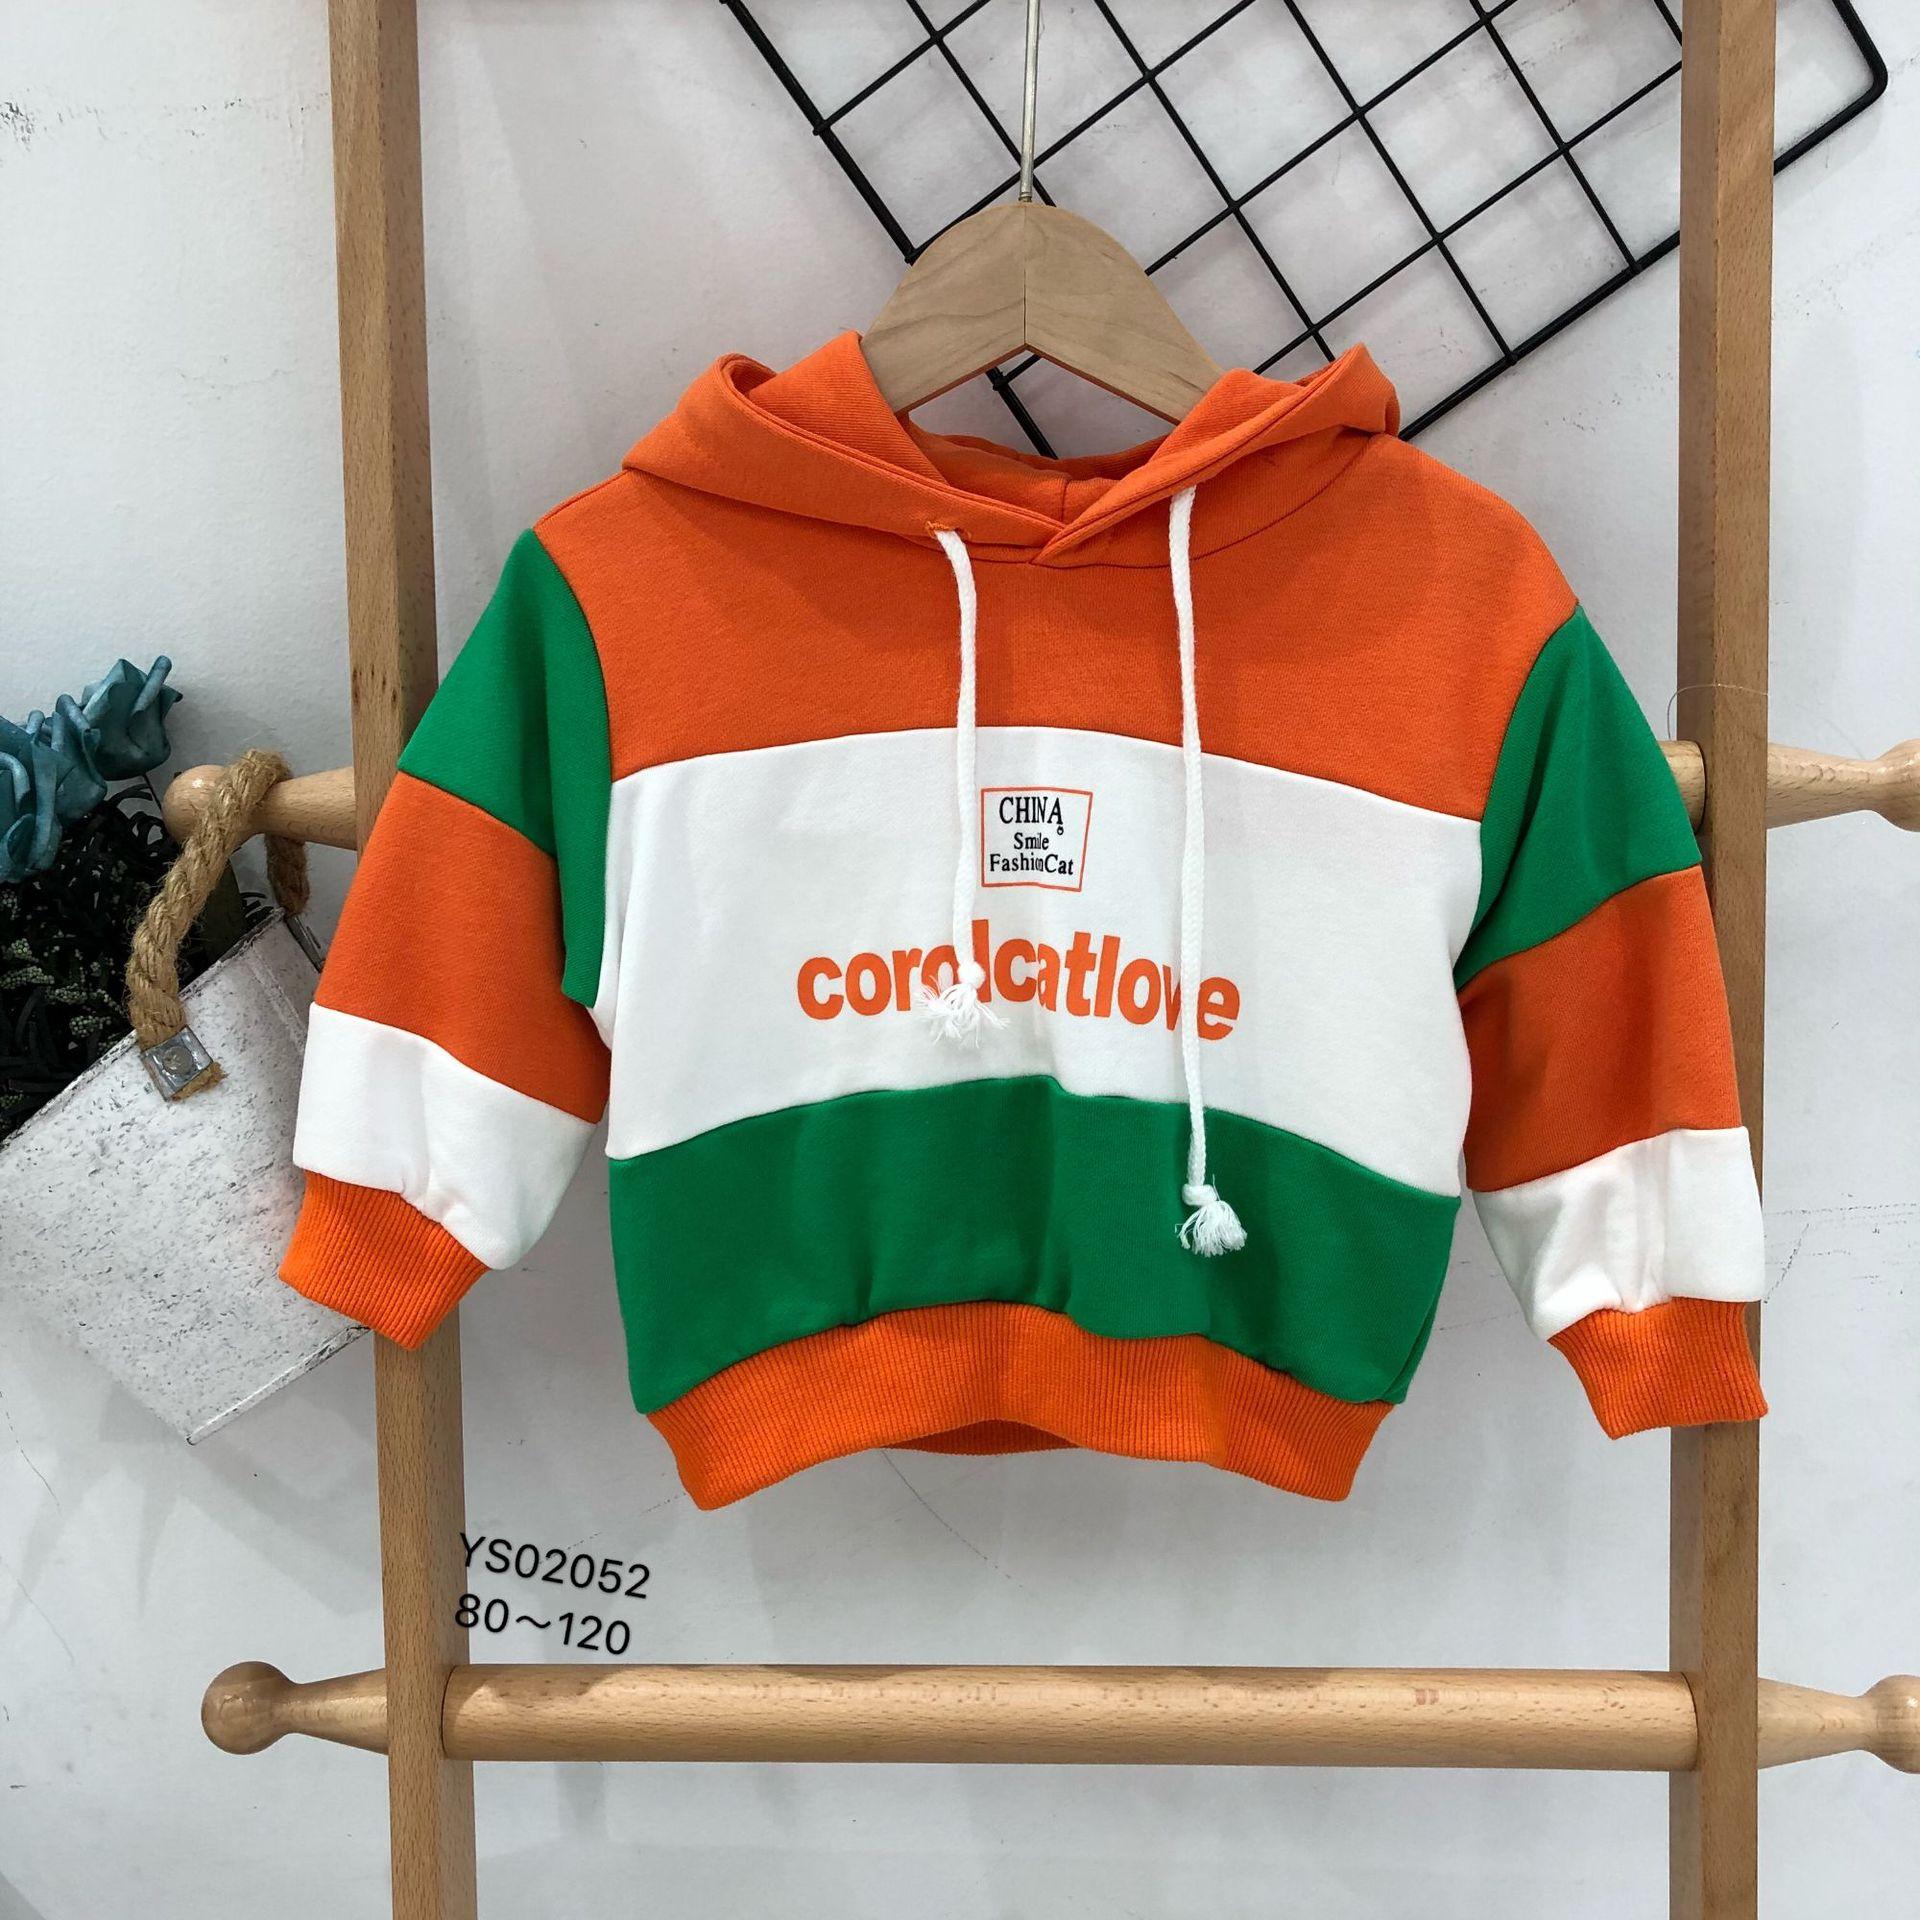 名雪服饰品牌童装秋装拼色韩版童卫衣 儿童上衣 小童卫衣批发